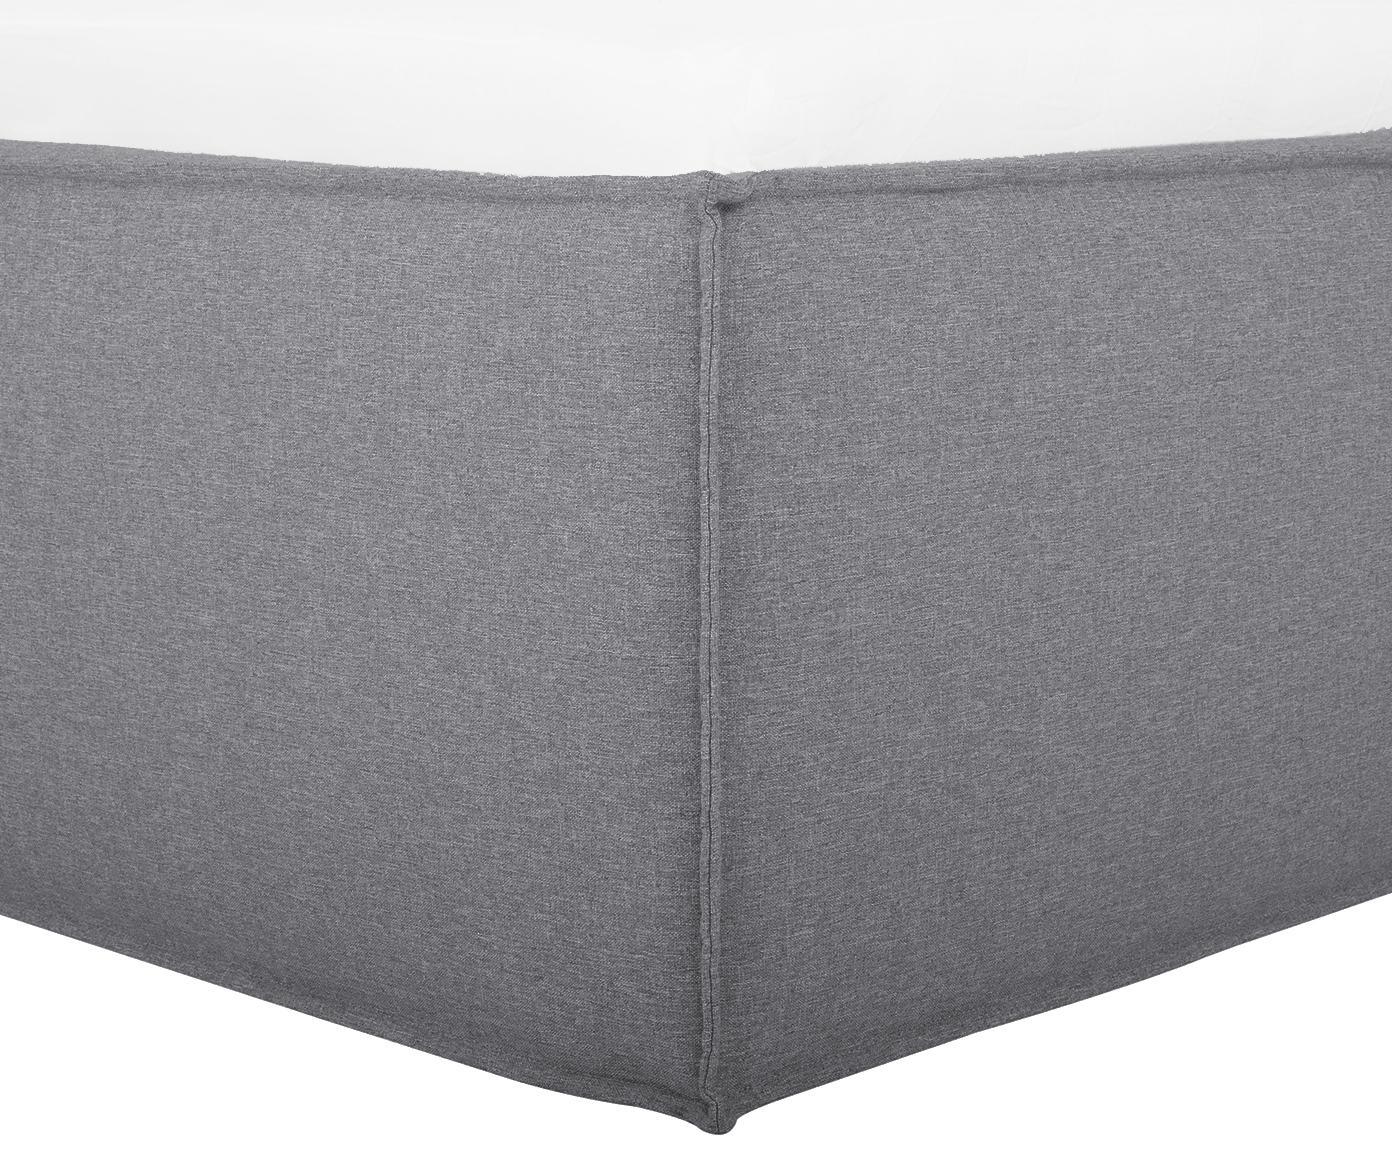 Łóżko tapicerowane Dream, Korpus: lite drewno sosnowe, Tapicerka: poliester (materiał tekst, Szary, 140 x 200 cm